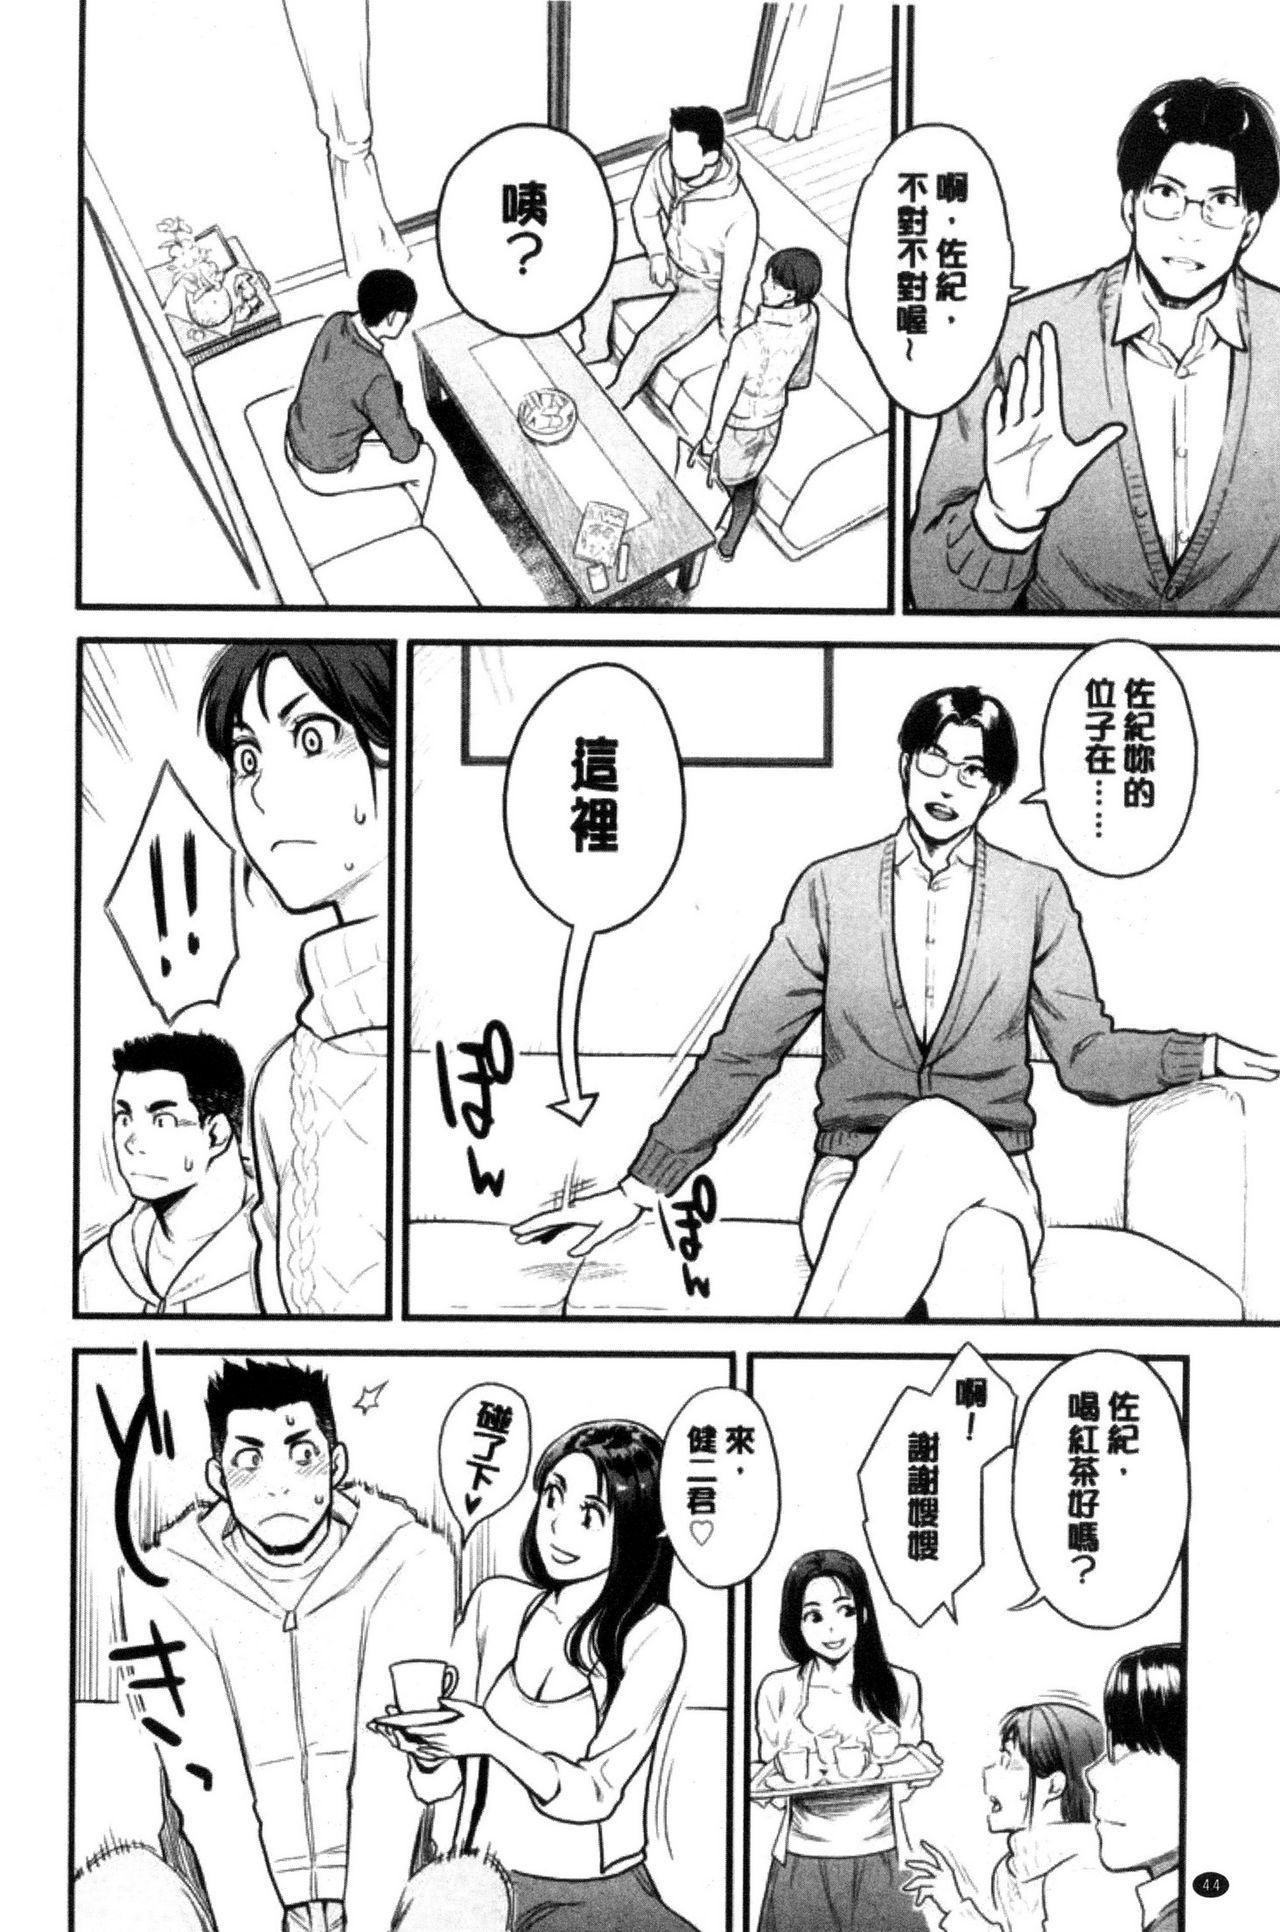 Kanojo no Mesugao - She has a indecent face   彼女的雌顏 45